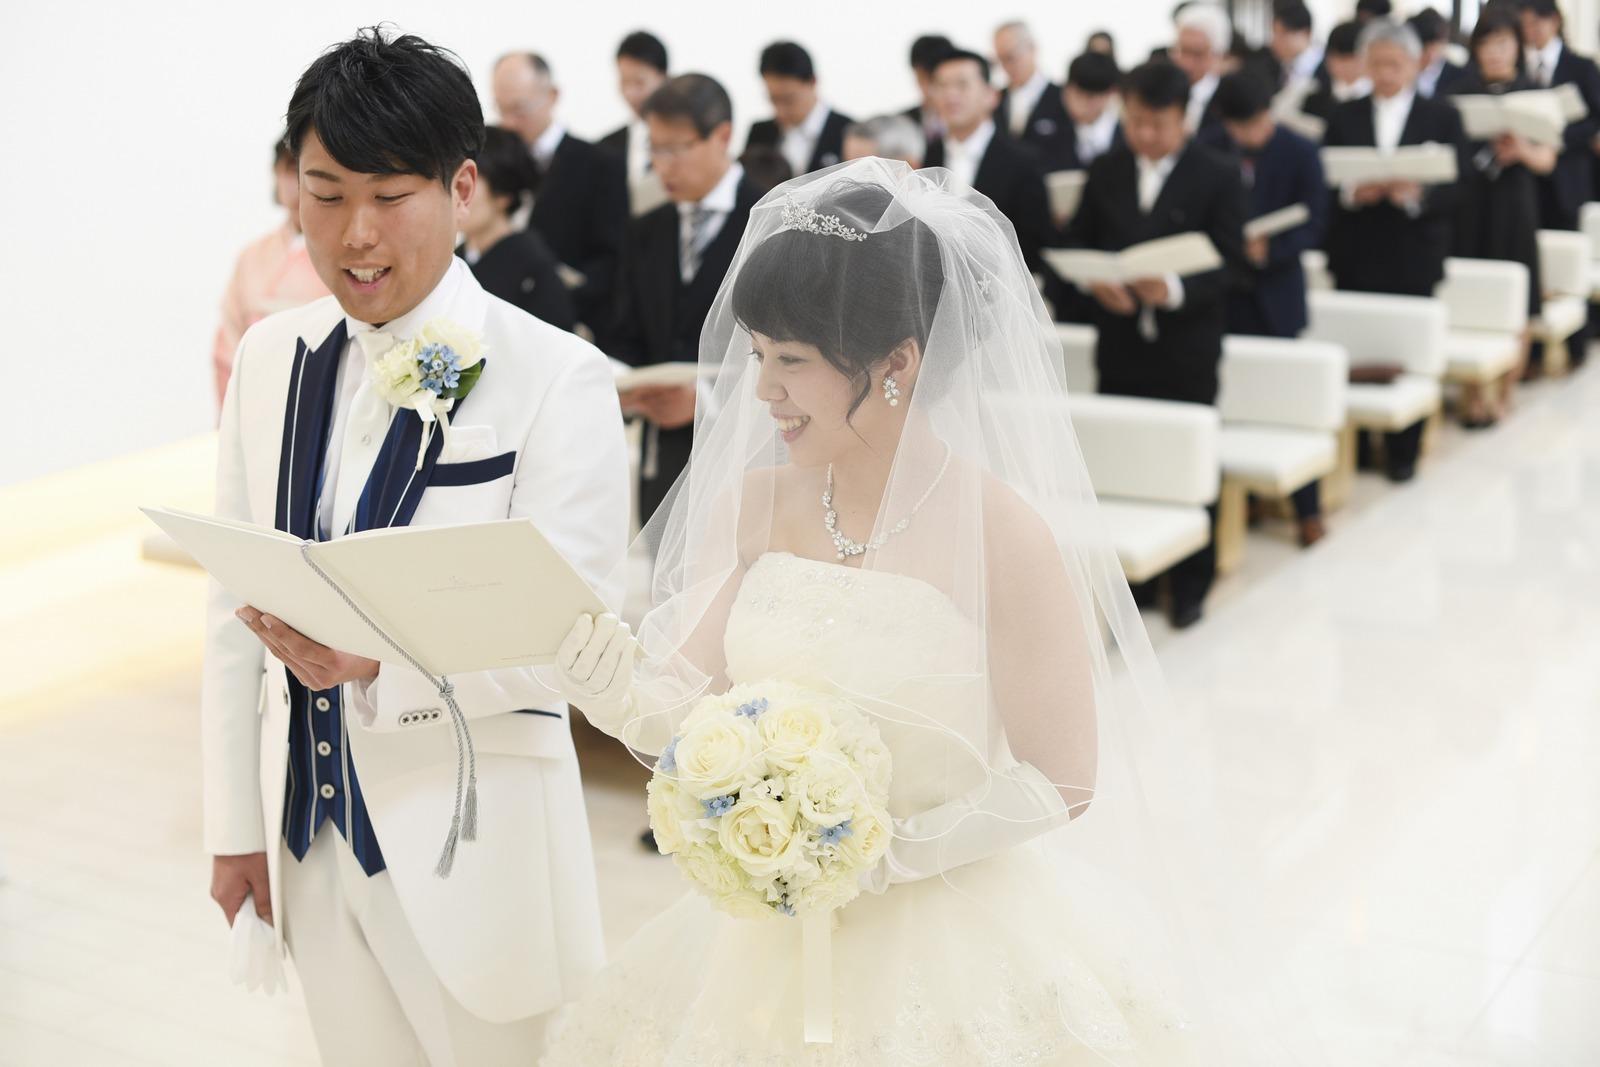 徳島市の結婚式場ブランアンジュの挙式で聖歌を歌う